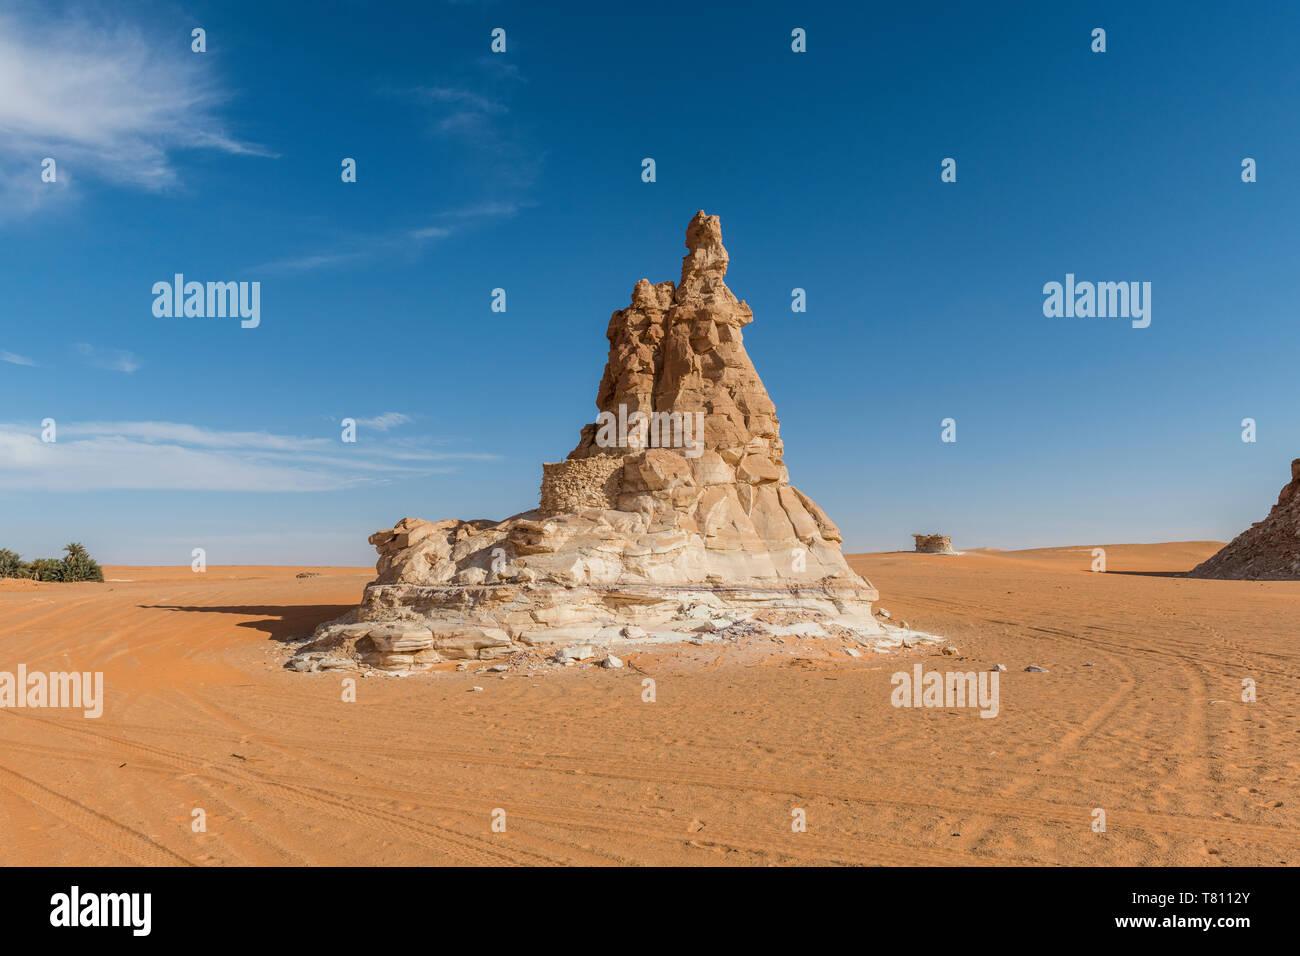 Sandstein Turm bei einem Salz Wasser See im nördlichen Tschad, Afrika Stockfoto